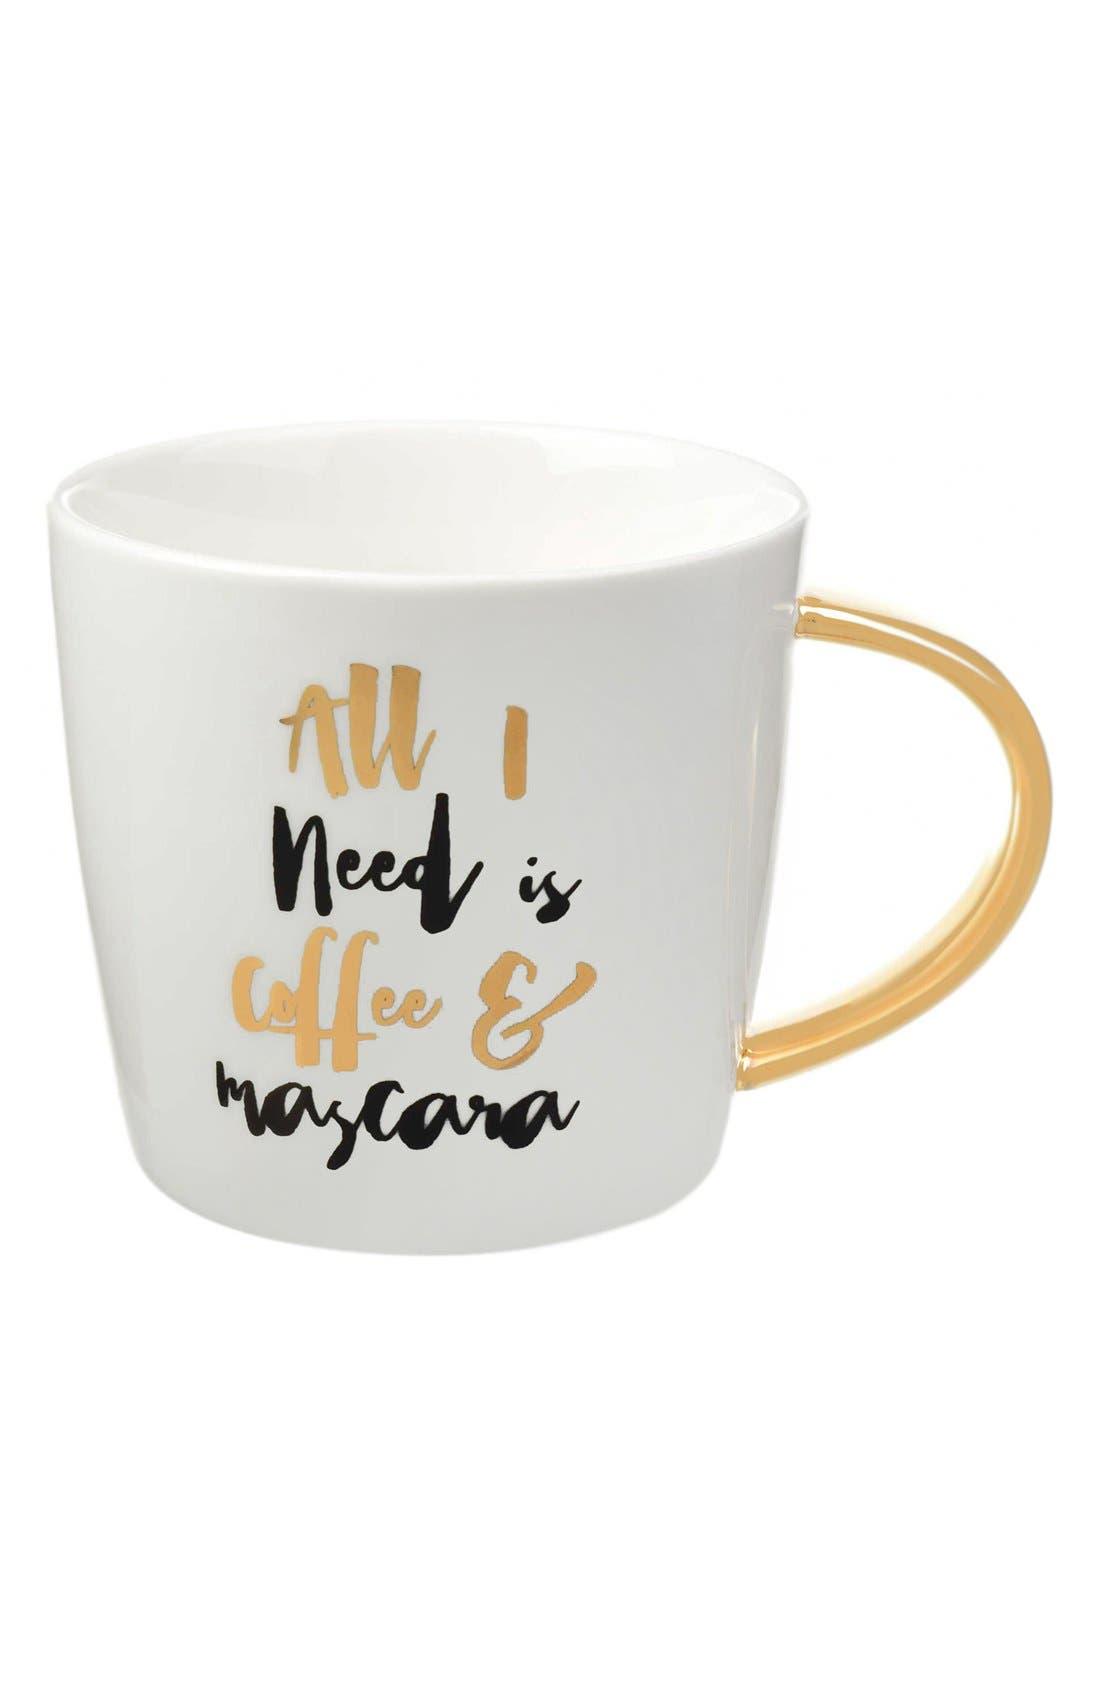 Main Image - Slant Collections 'Coffee & Mascara' Mug